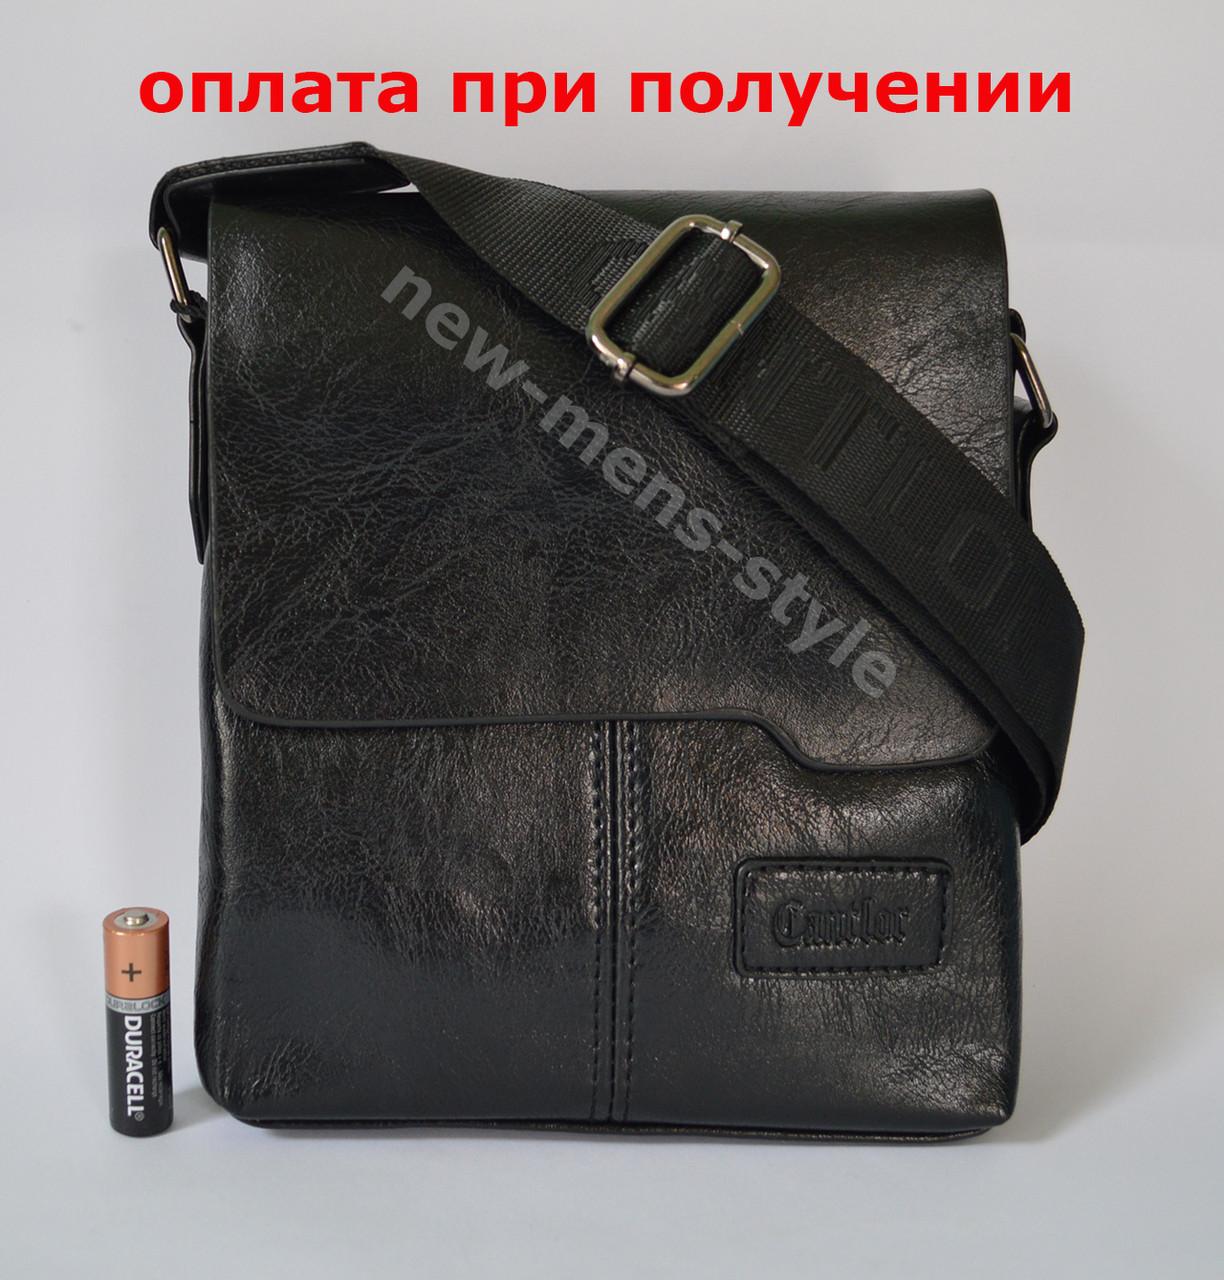 Мужская кожаная фирменная сумка барсетка Cantlor Polo классика купить